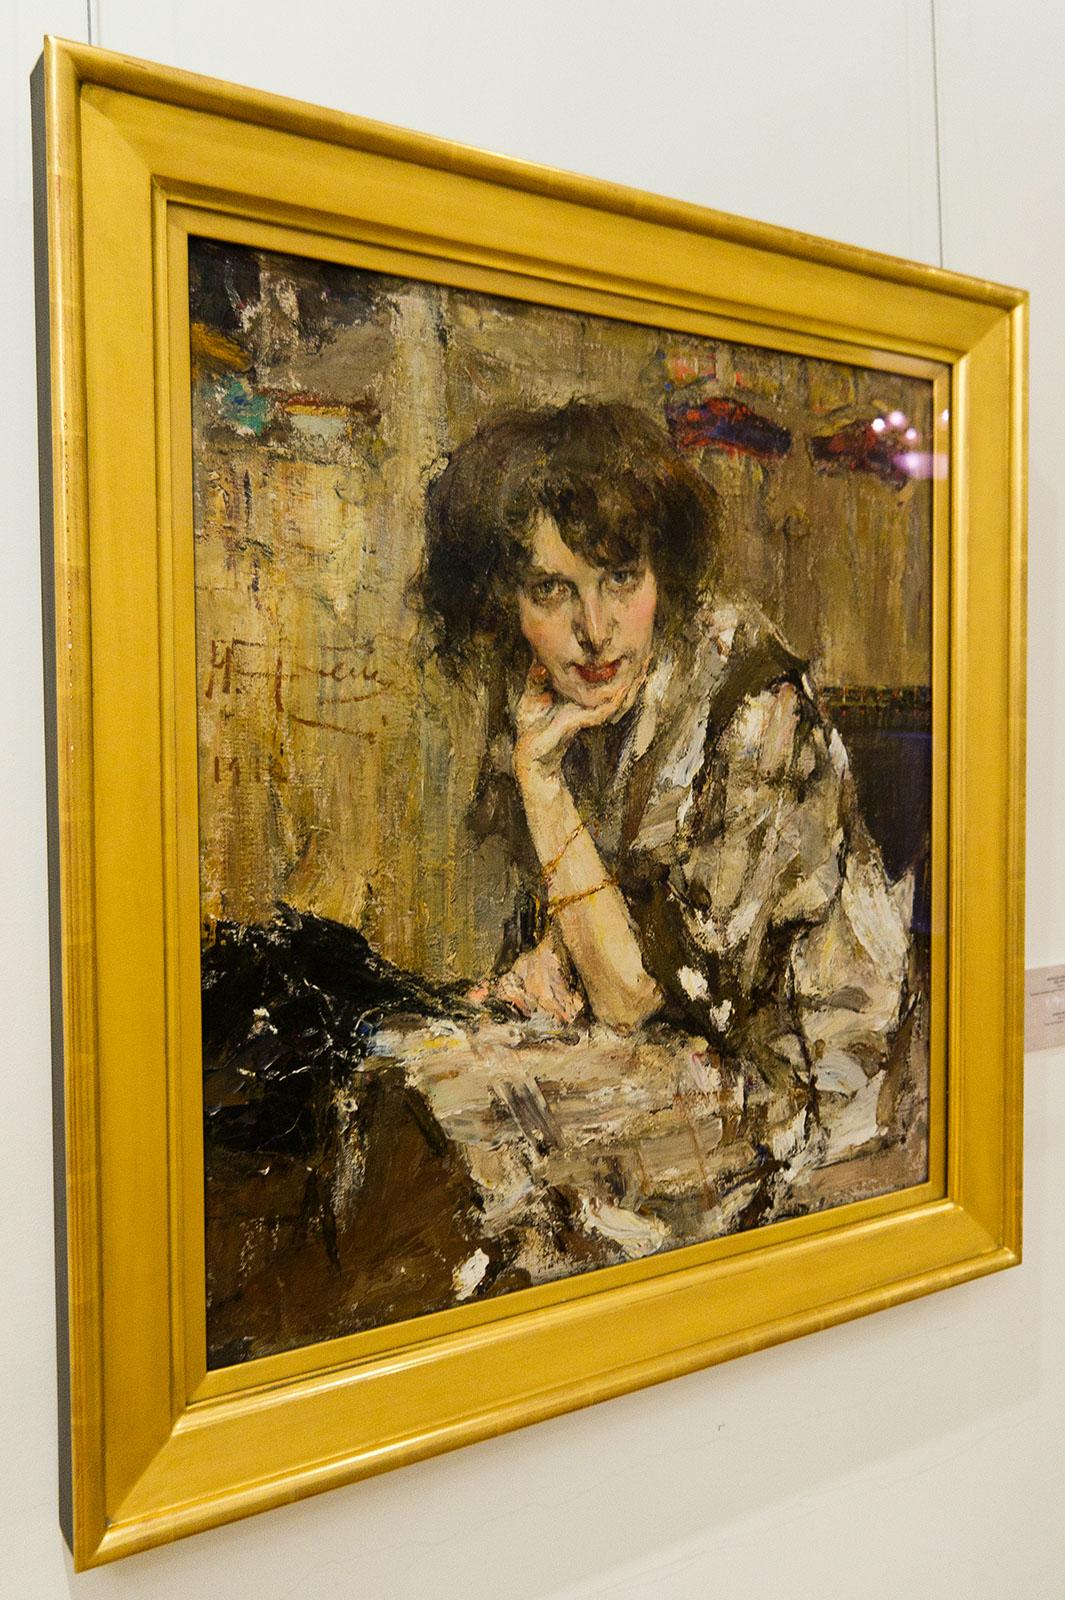 Фото №86489. Молодая женщина, 1912. Фешин Н.И.